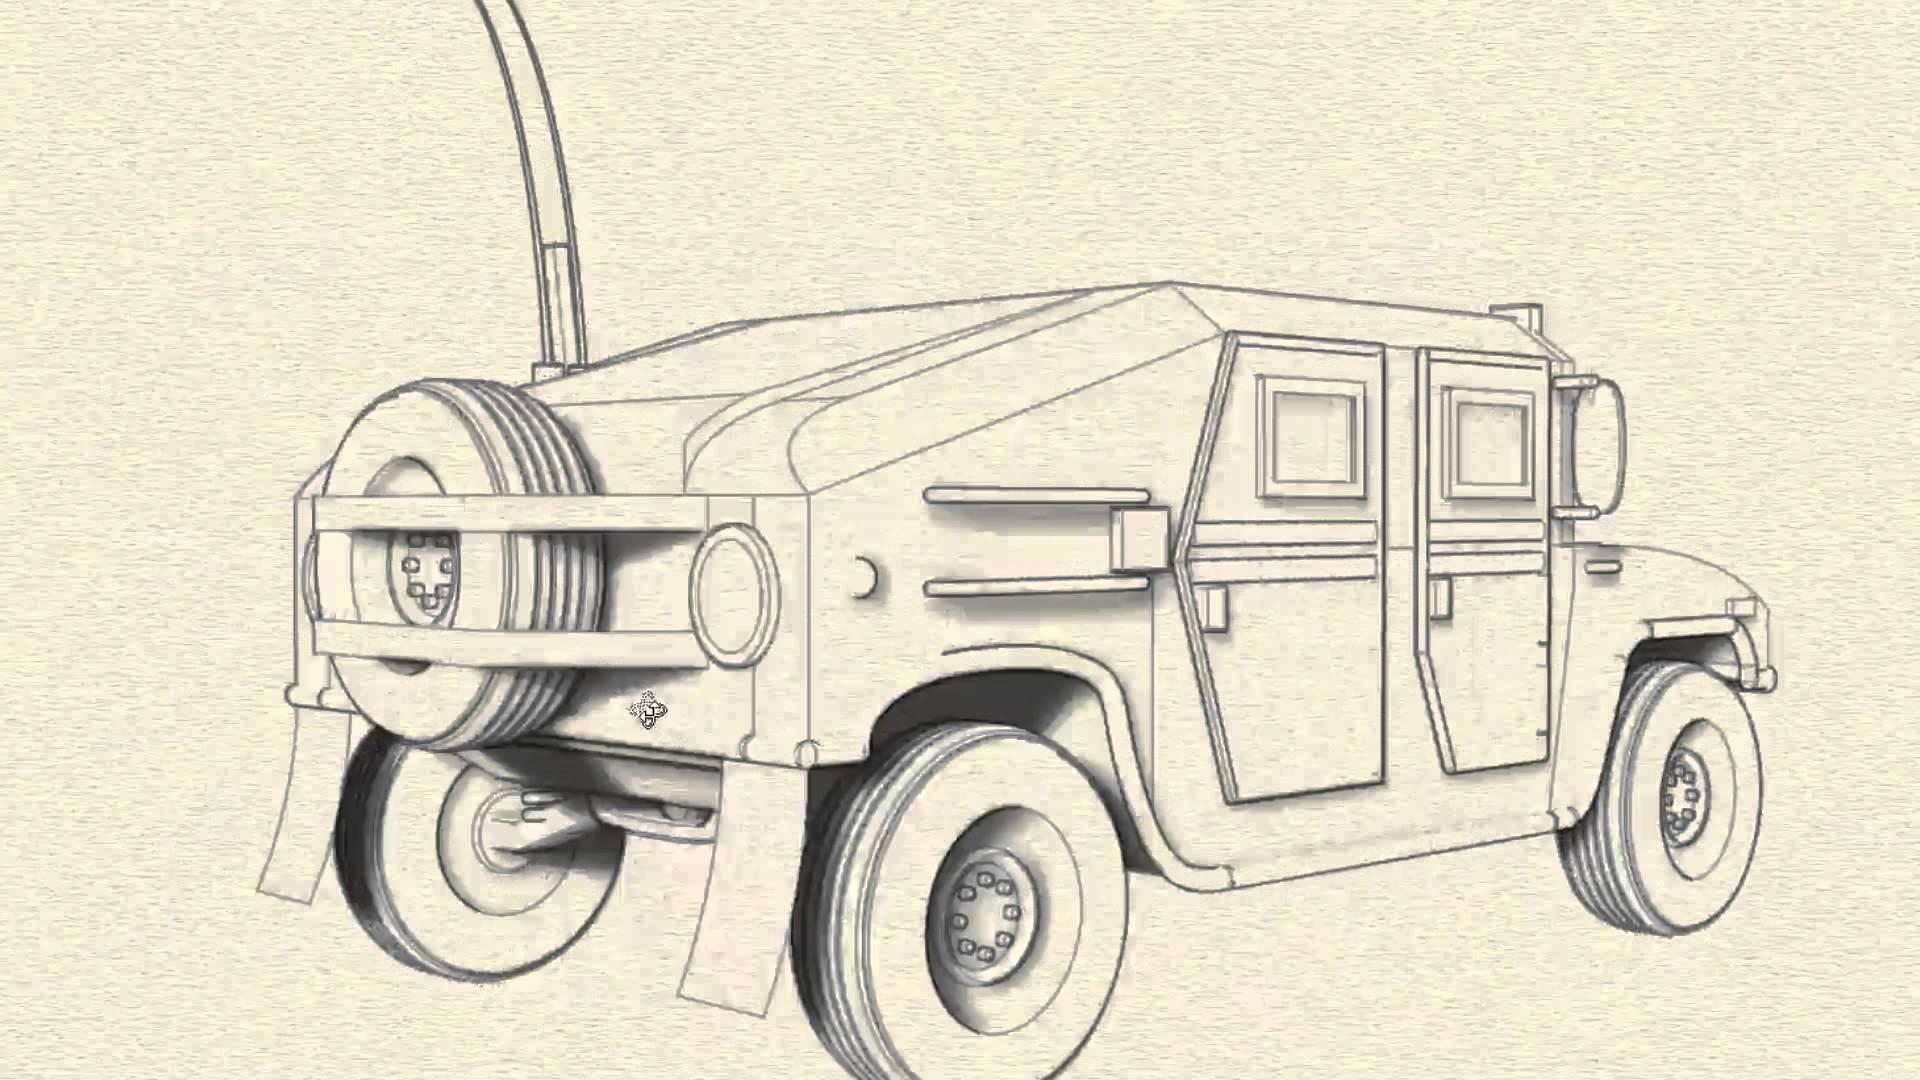 1920x1080 H1z1